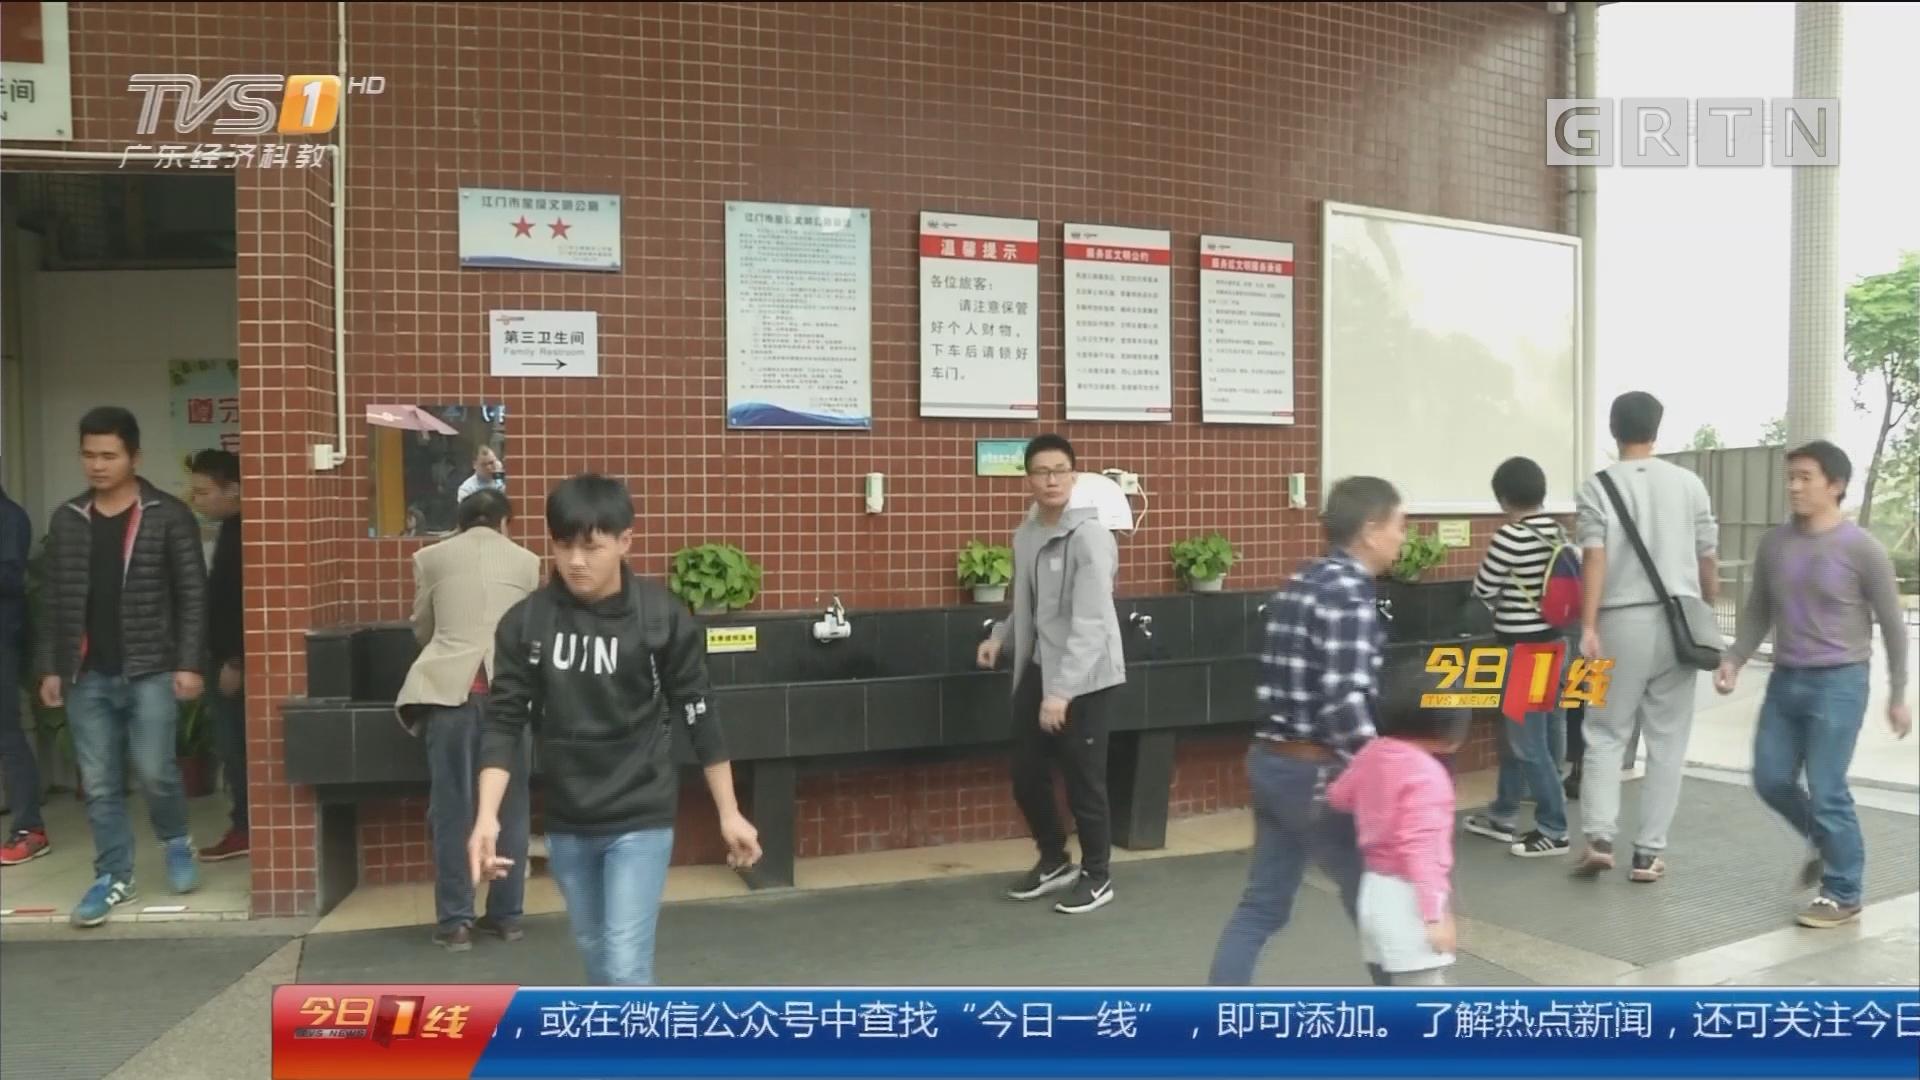 元旦假期出行:雅瑶服务区 小长假首日 一个服务区挤进五万人